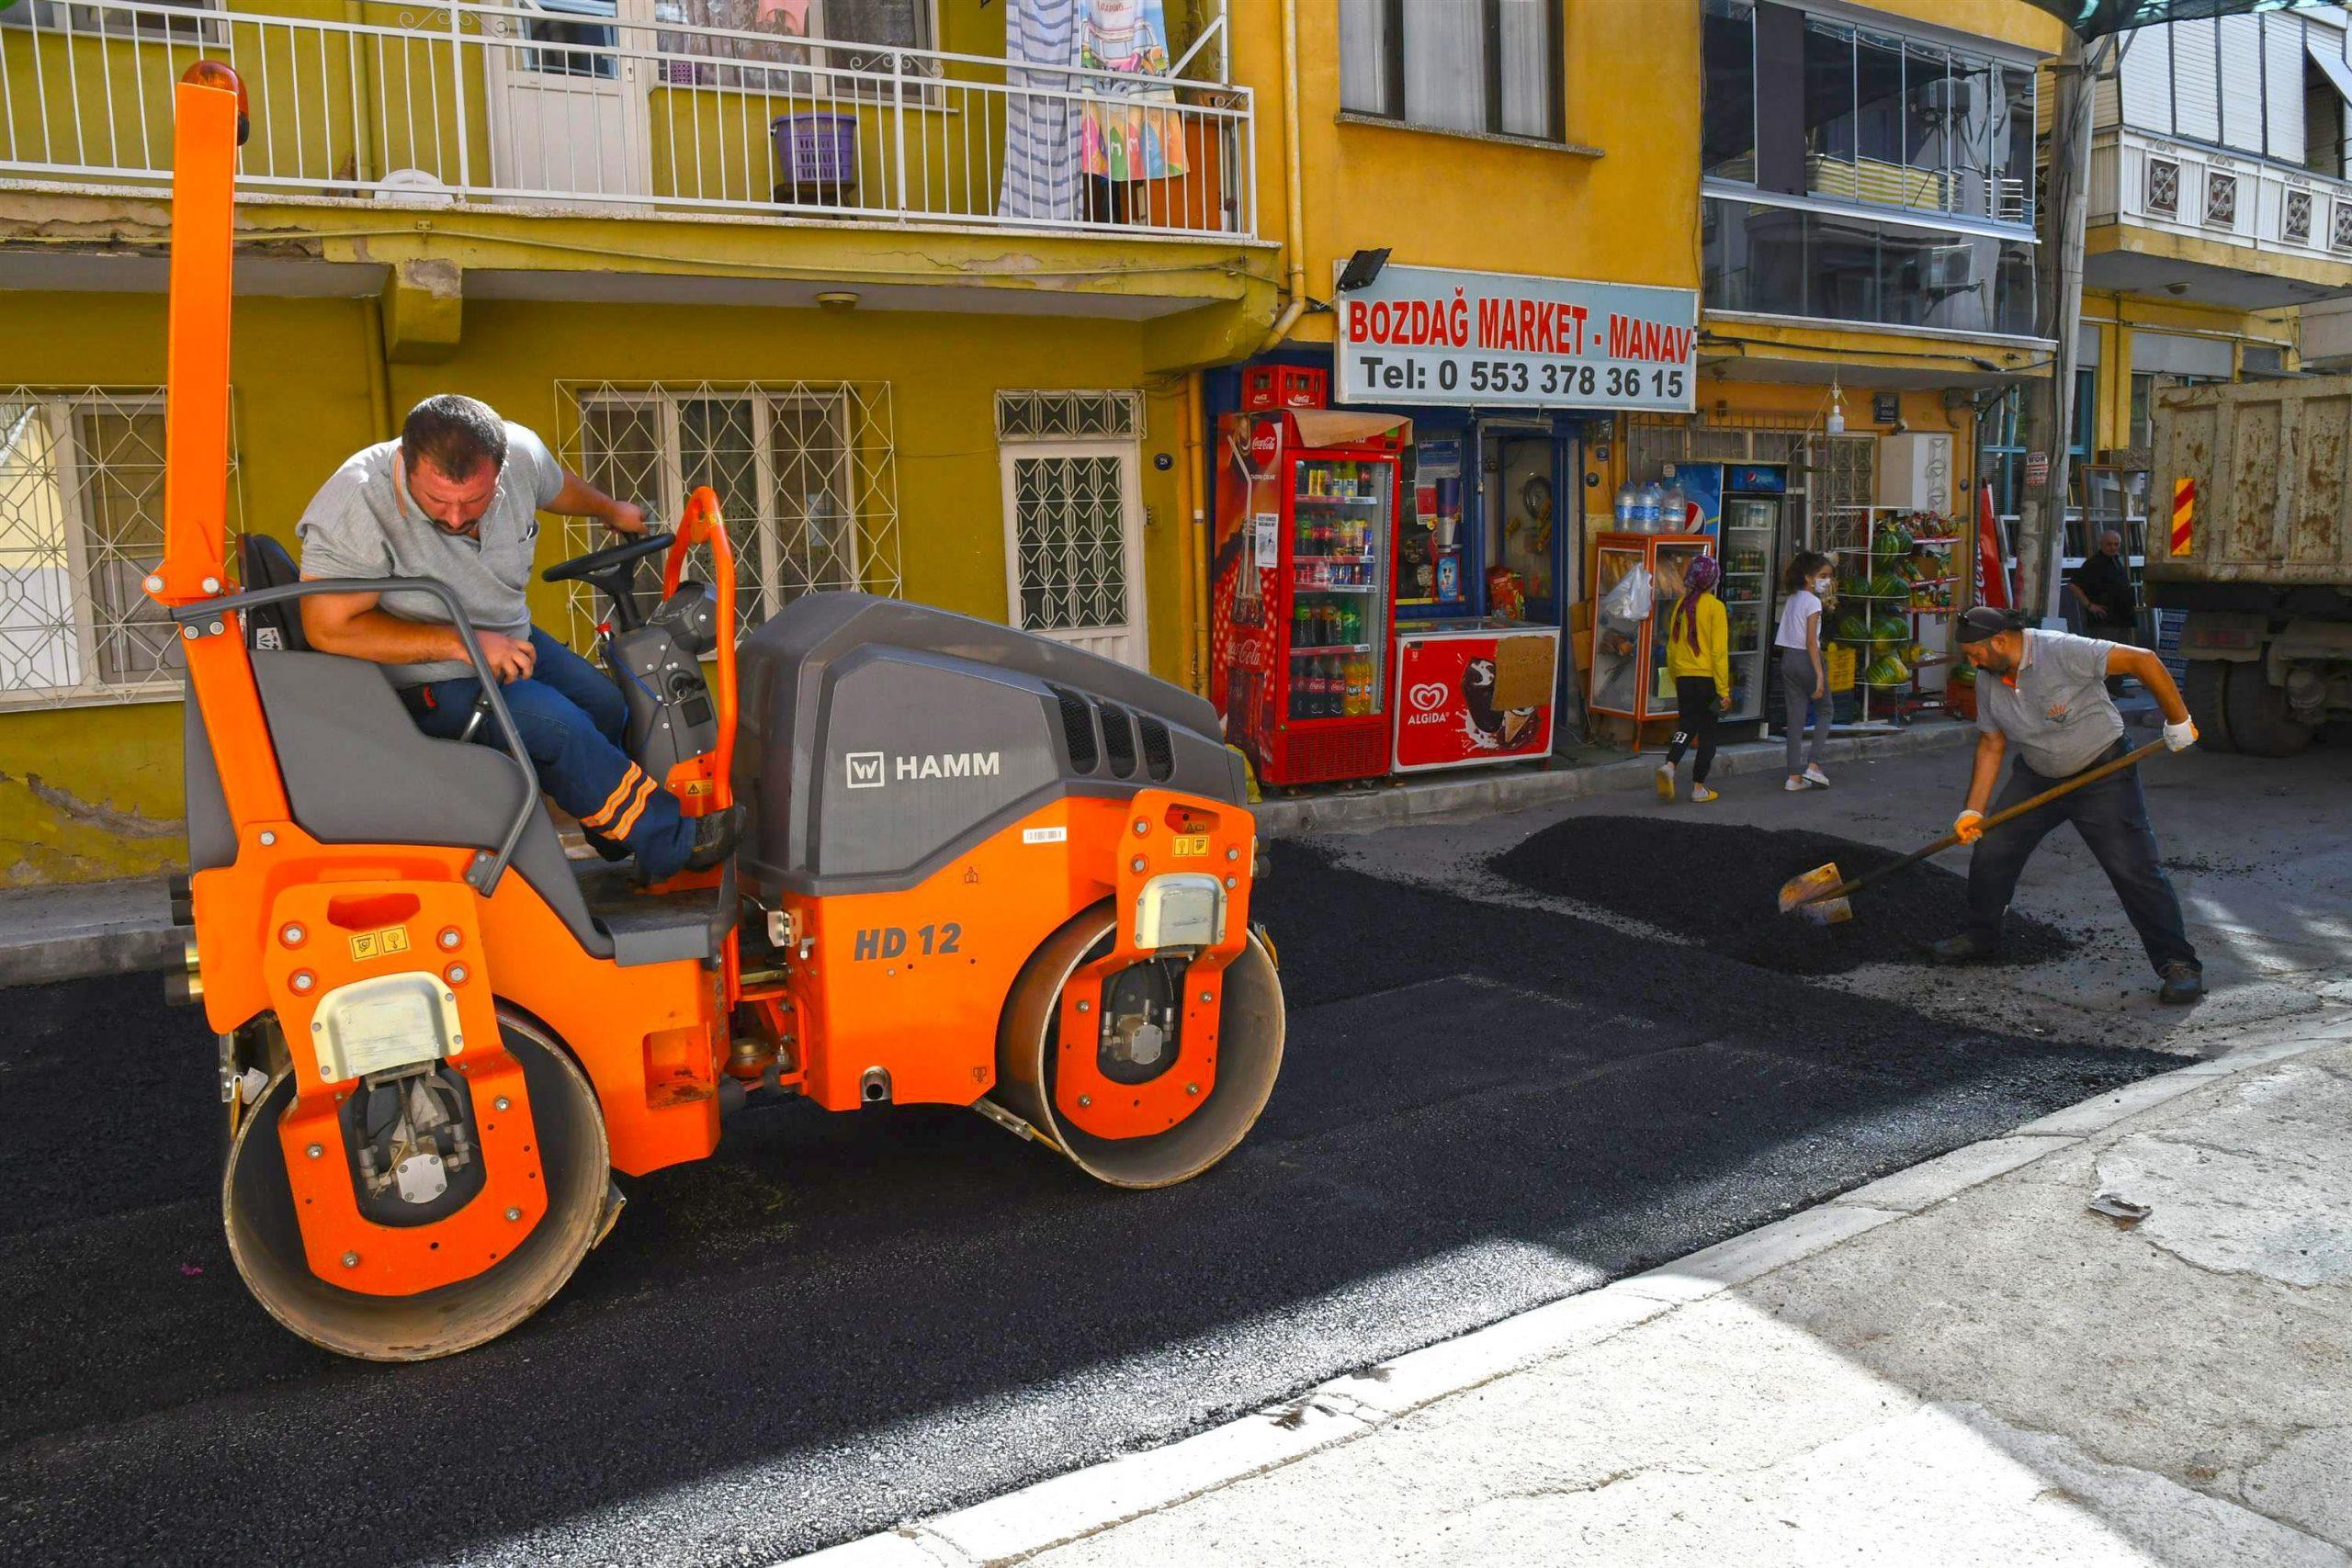 Günde yaklaşık 100 ton cadde ve sokaklara seriliyor.